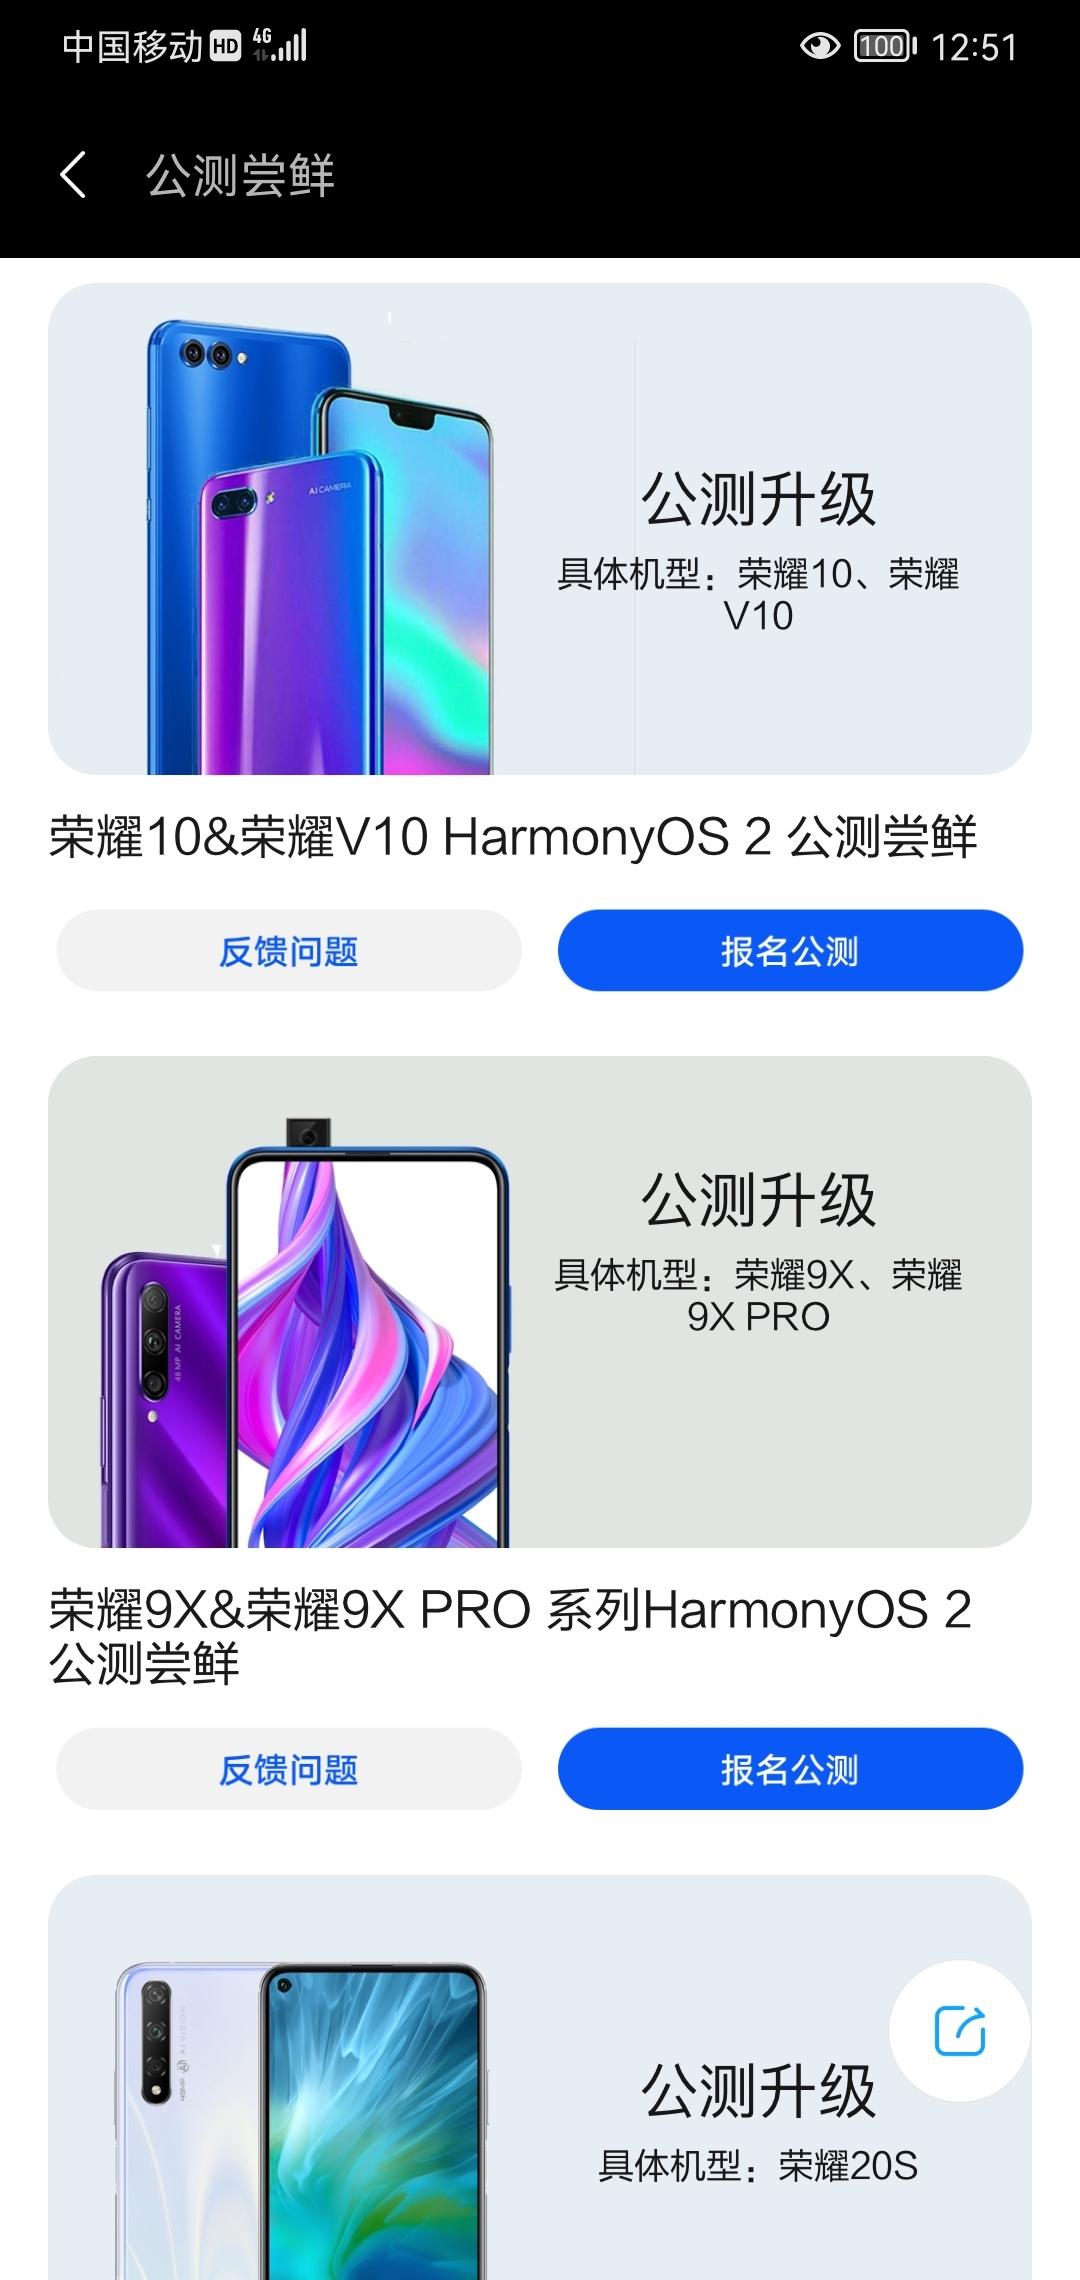 Screenshot_20210917_125137_com.huawei.fans.jpg